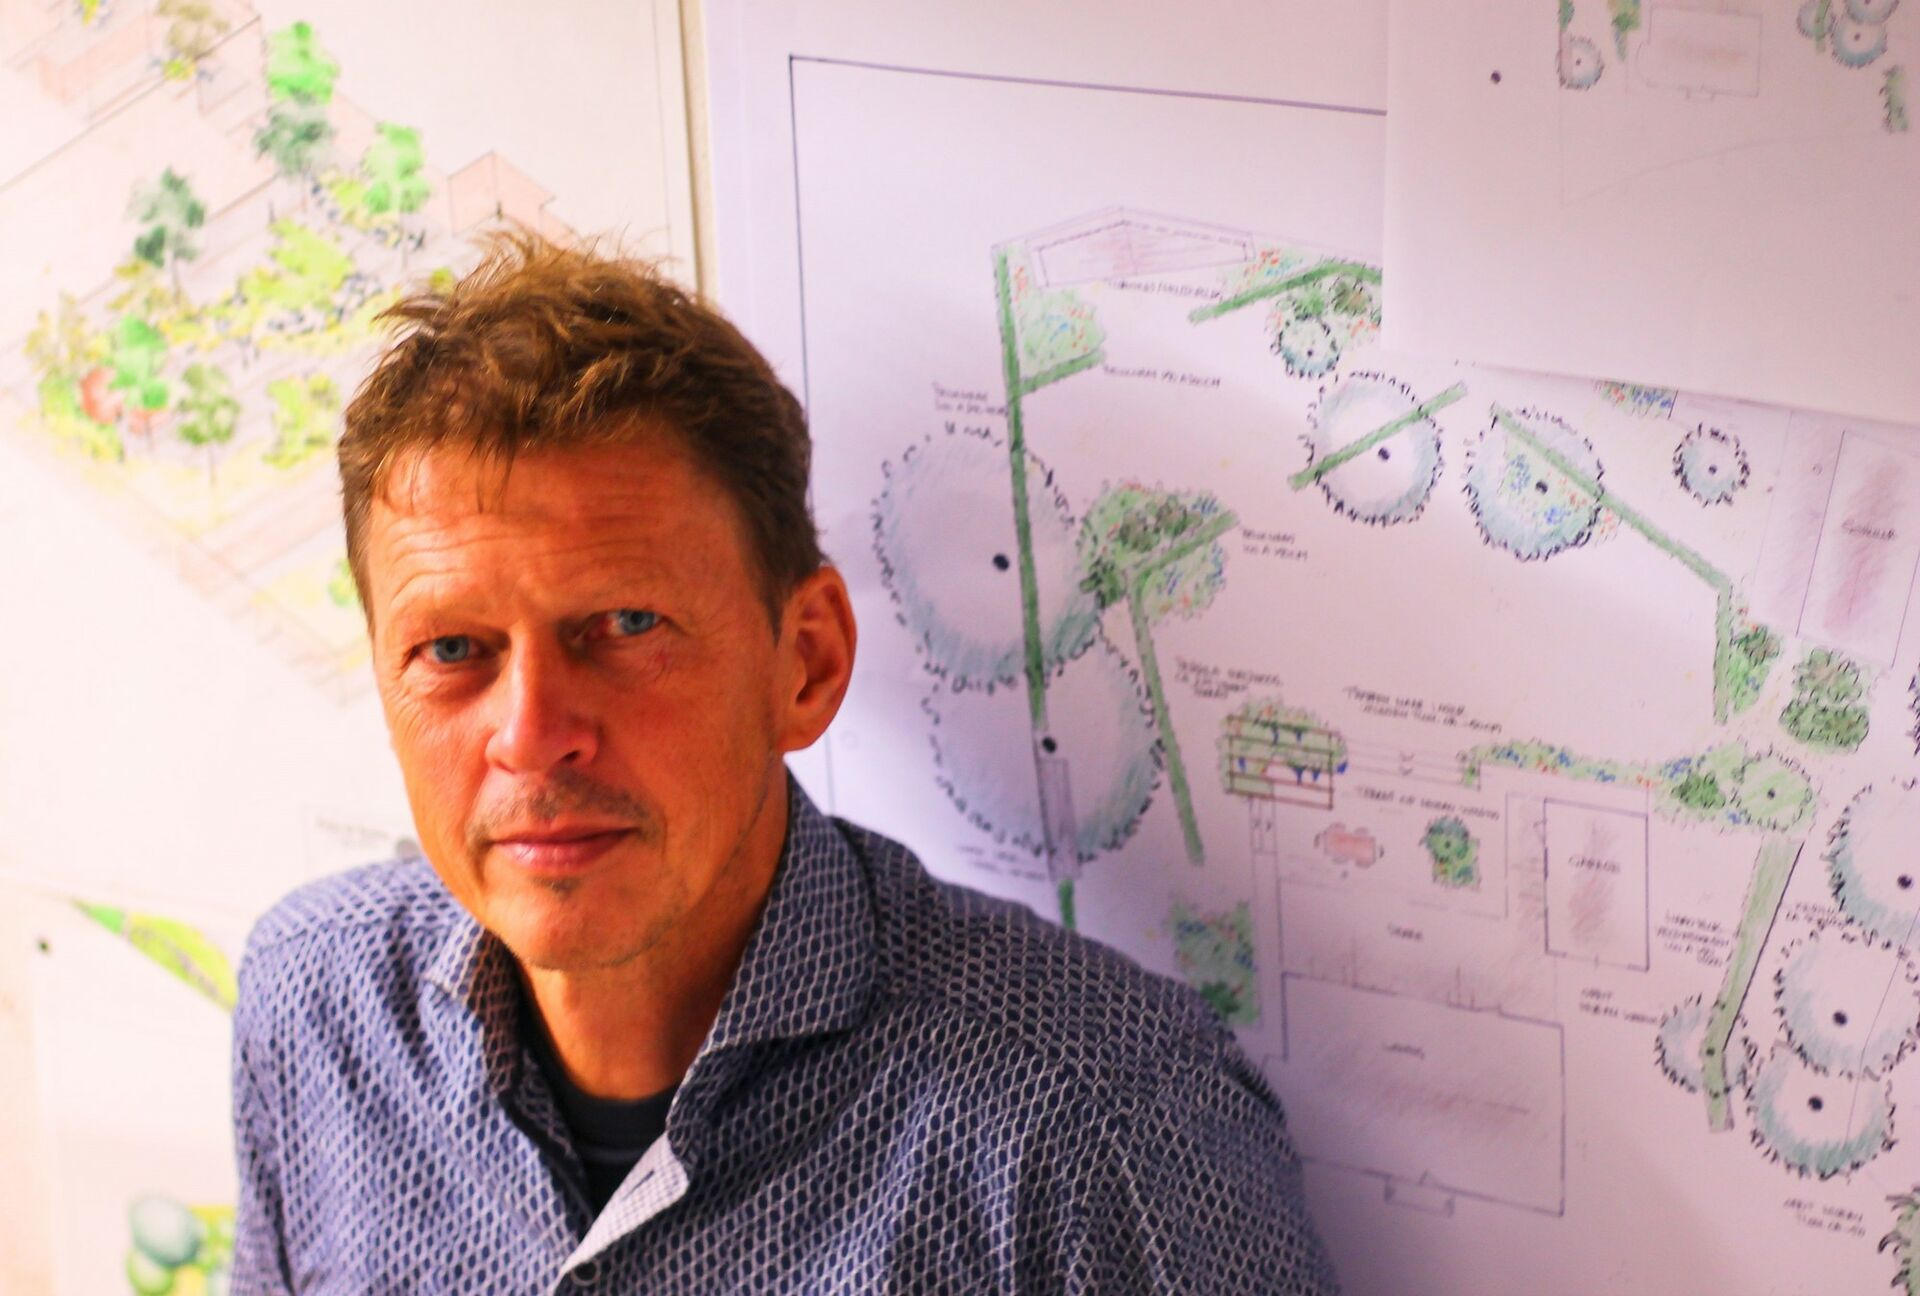 Tuinontwerper Pieter de Koning